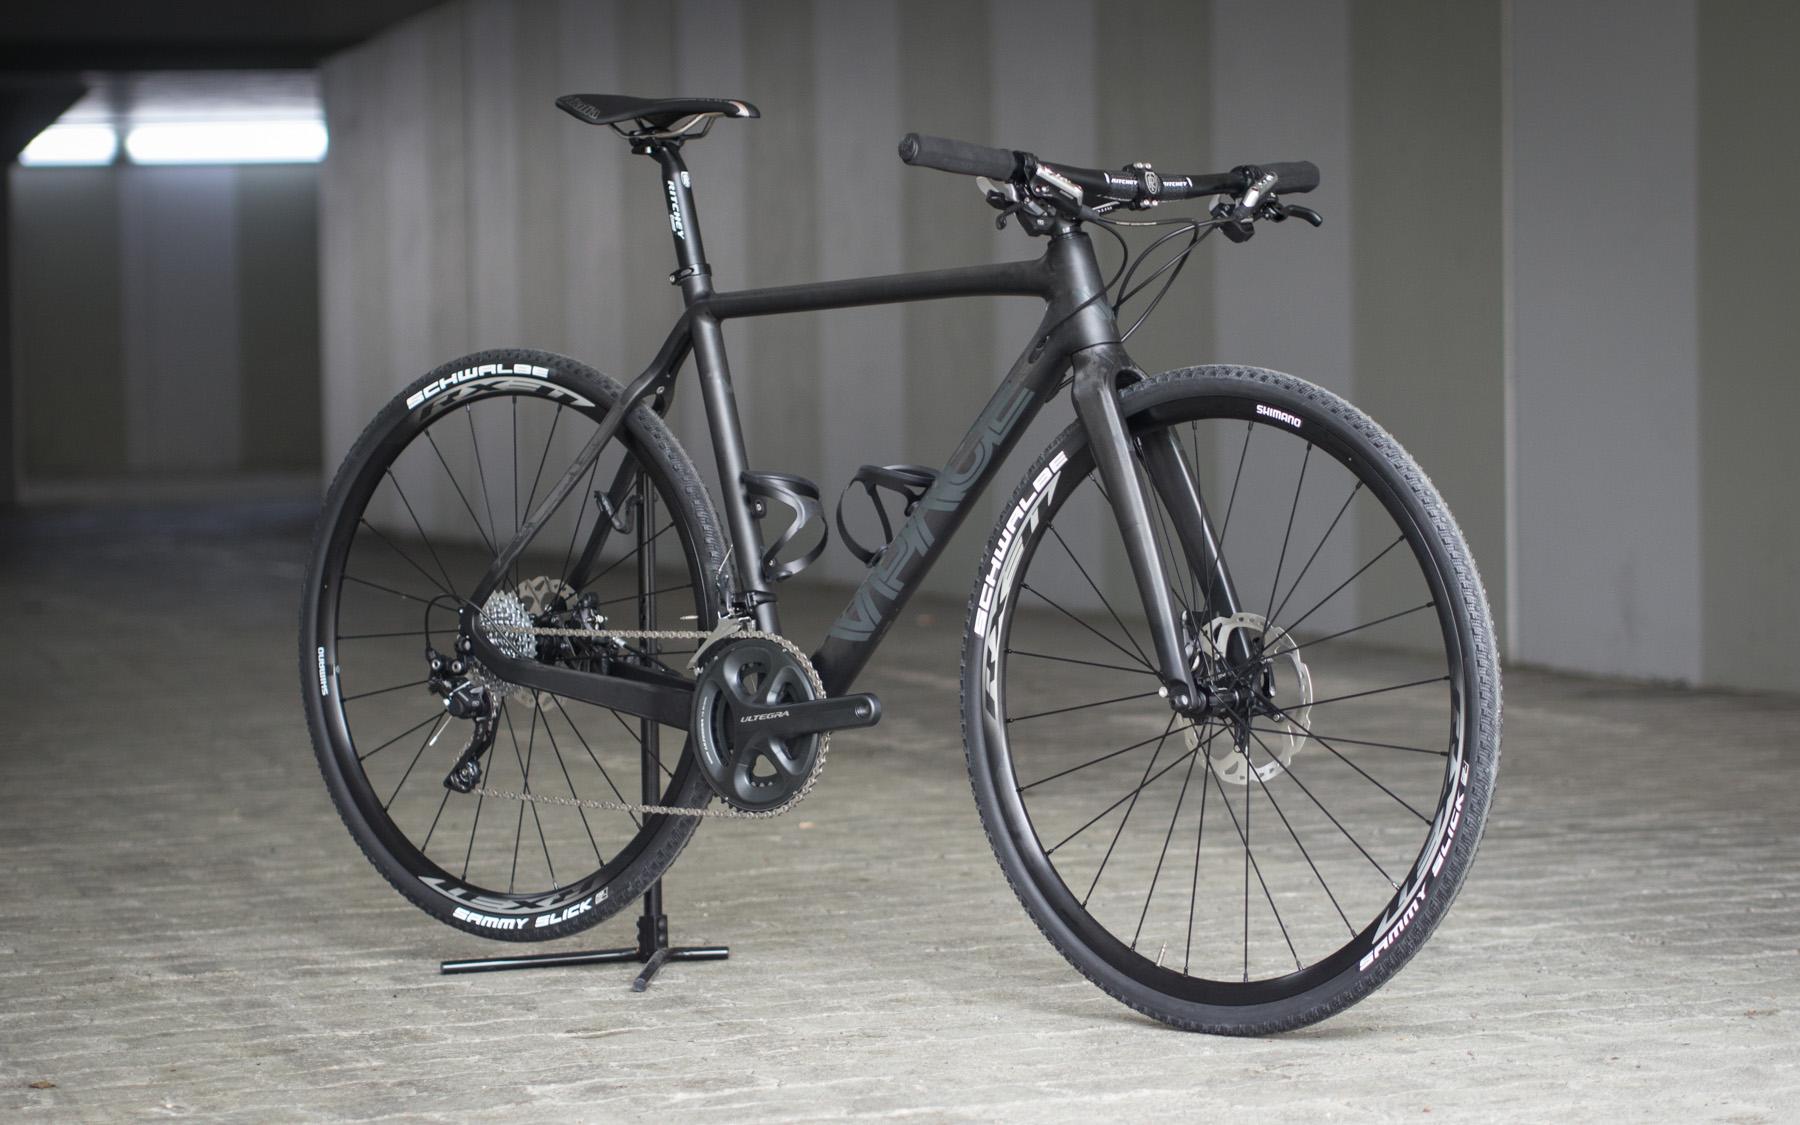 c2cx cyclocross disc carbonrahmen vpace bikes. Black Bedroom Furniture Sets. Home Design Ideas